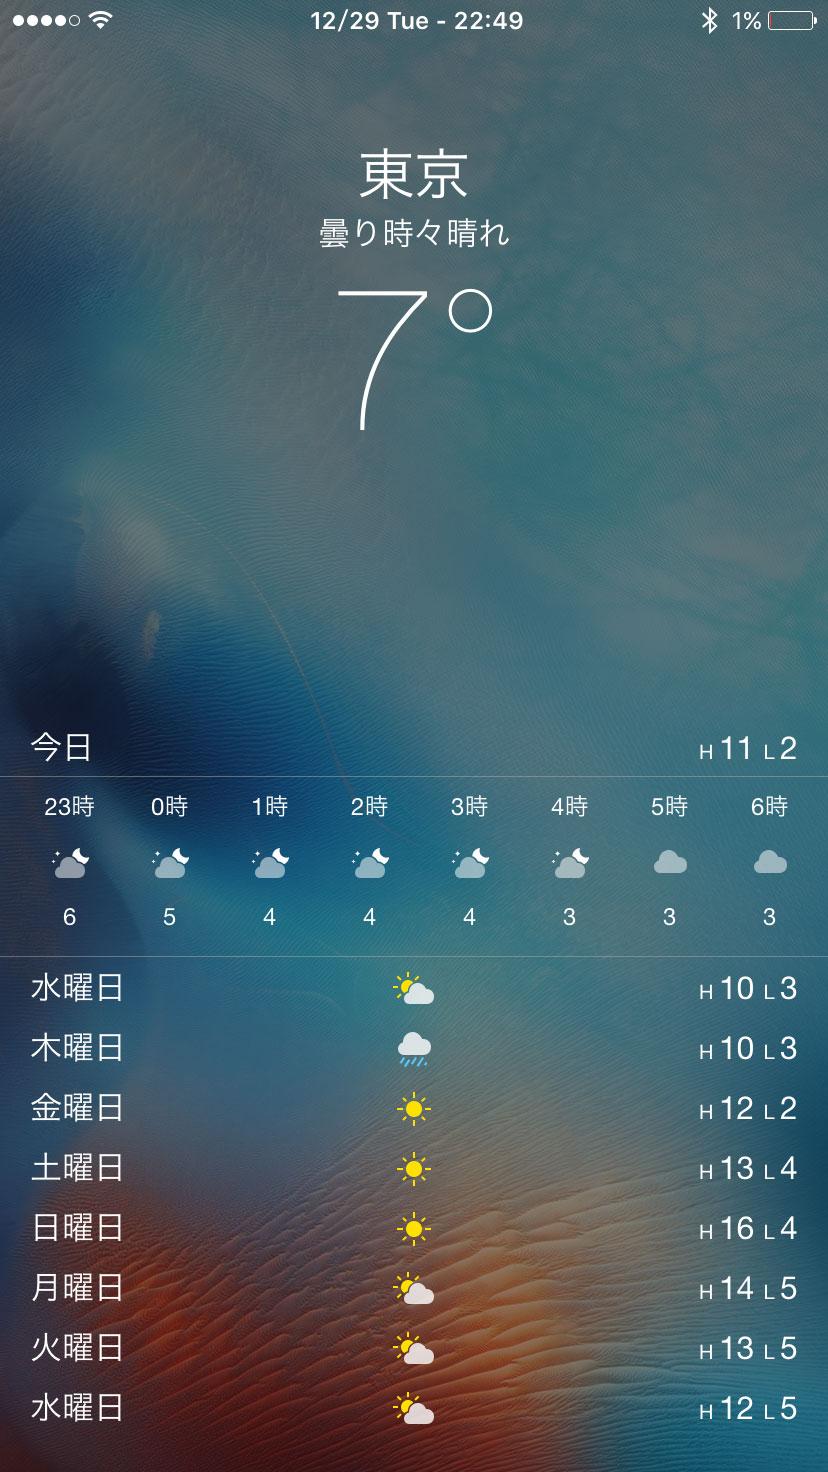 開発終了となった forecast の代用脱獄アプリが開発中 jbapp